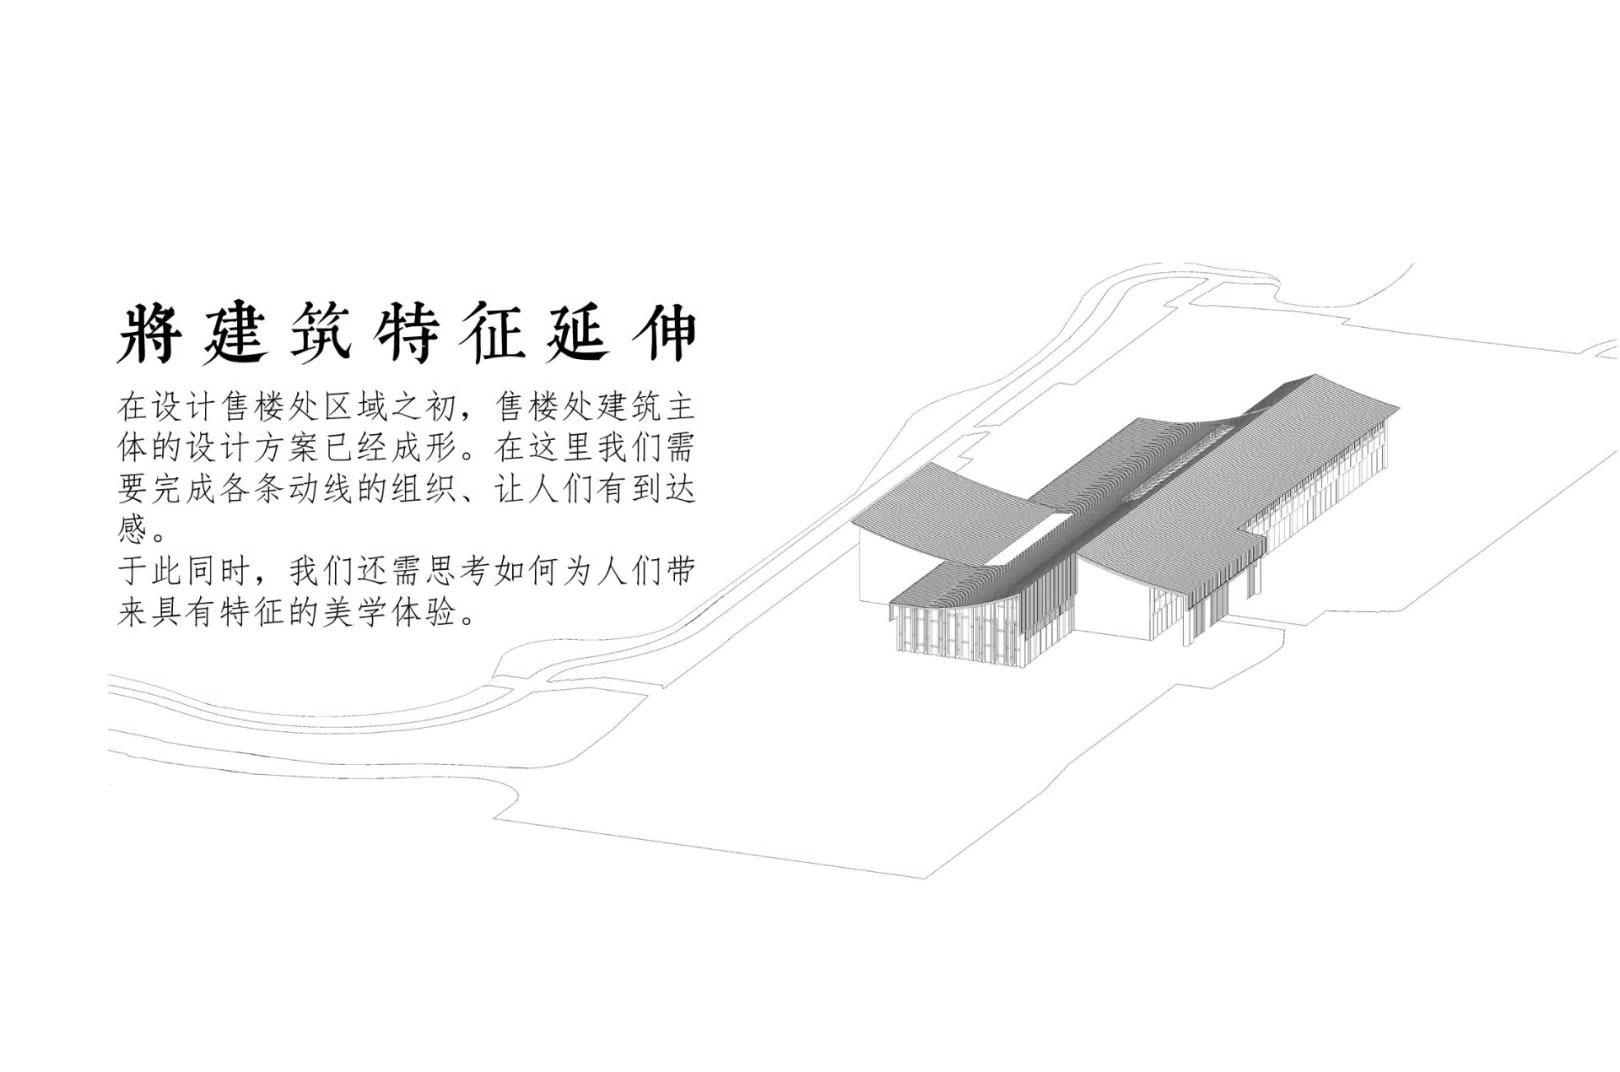 肇庆绿地香港·樾湖体验区 / 霍普股份